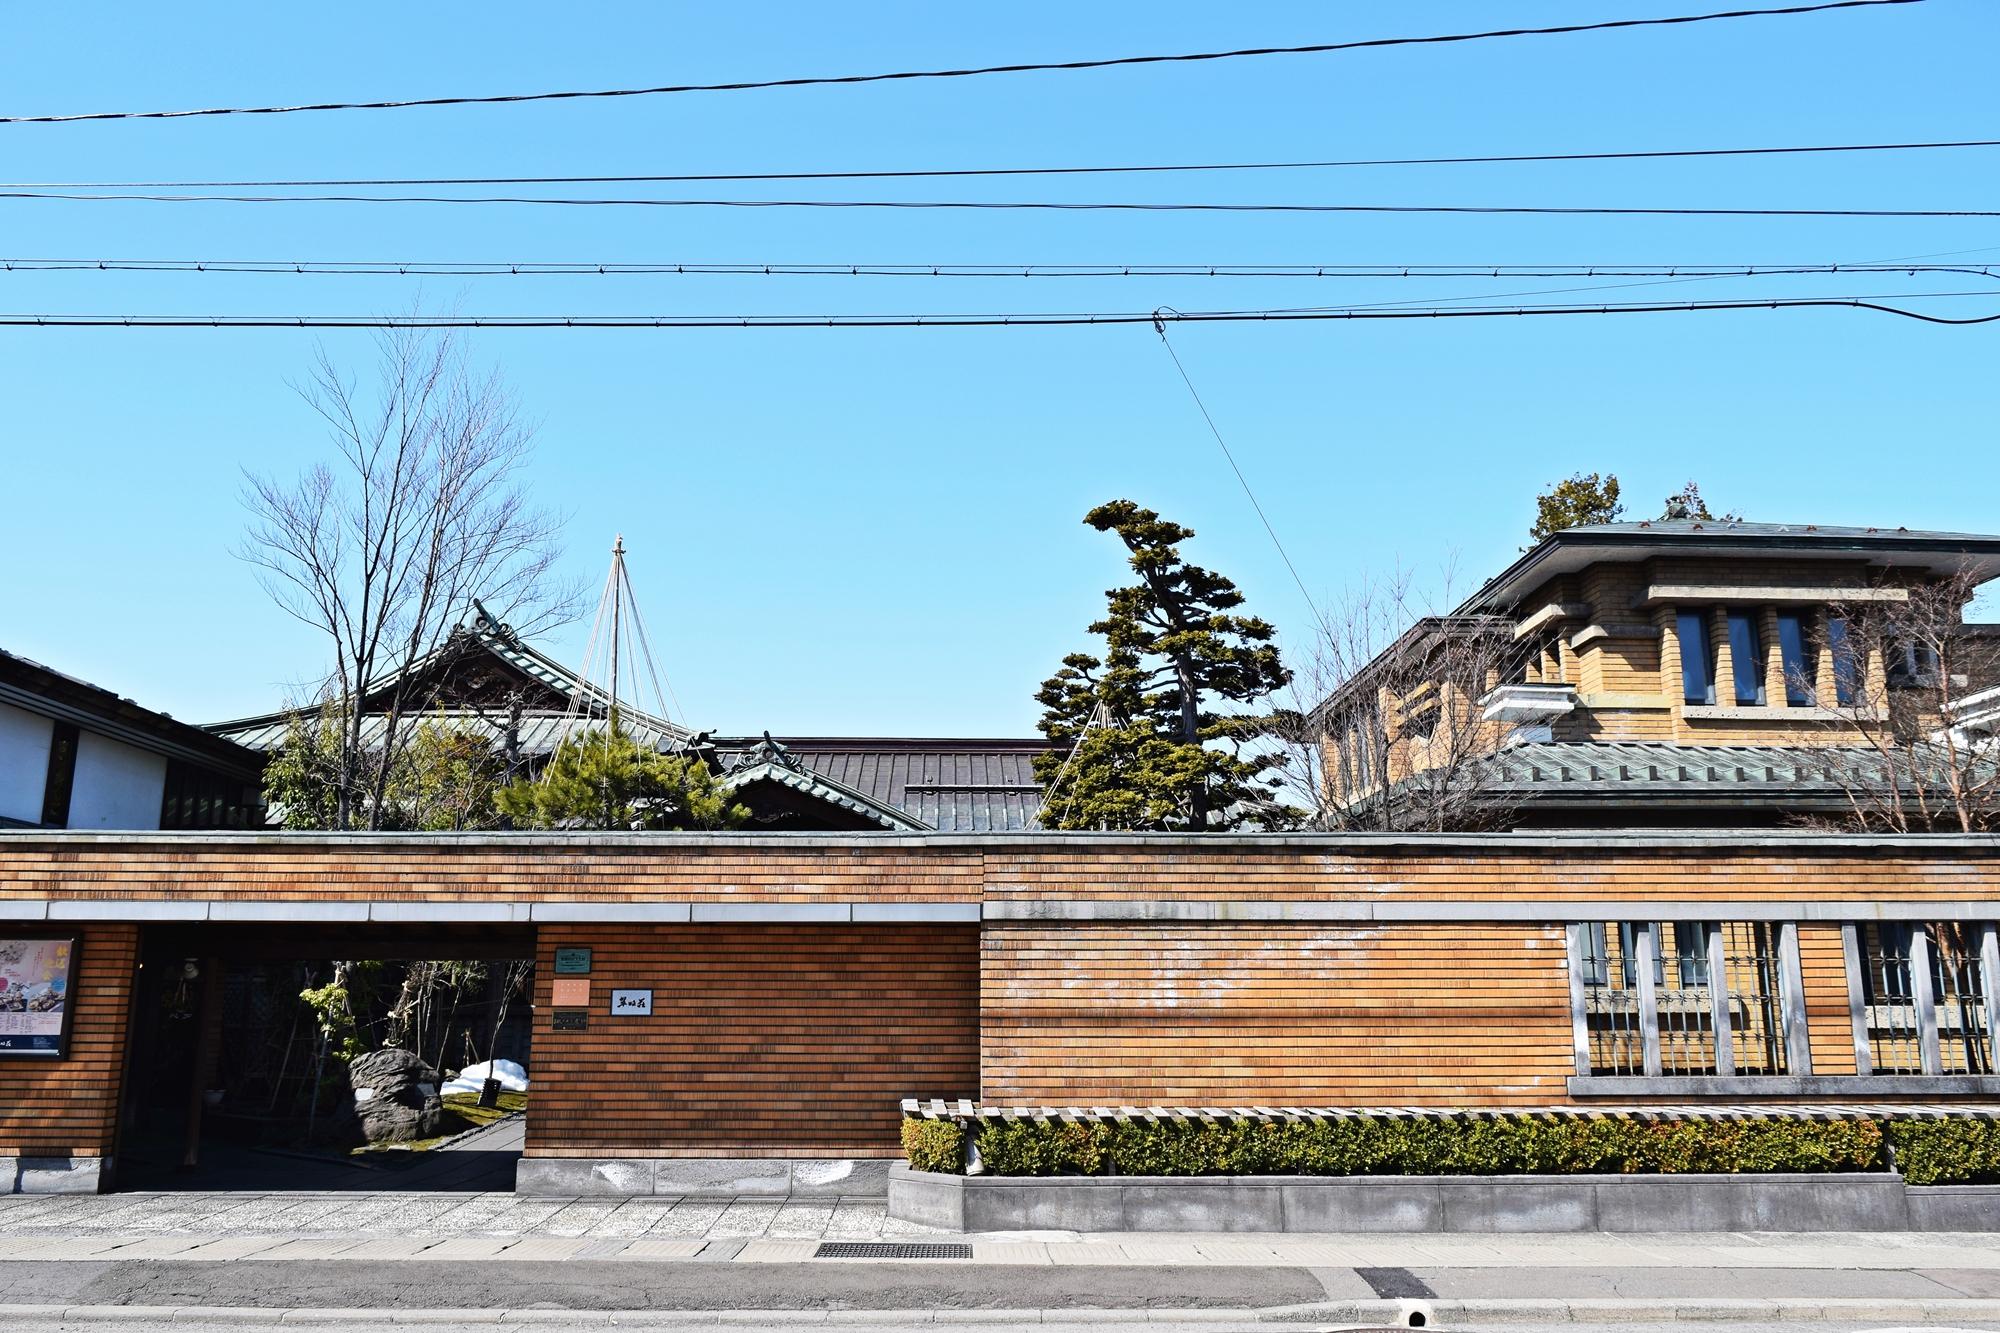 f:id:mitatowa:20170326233958j:plain